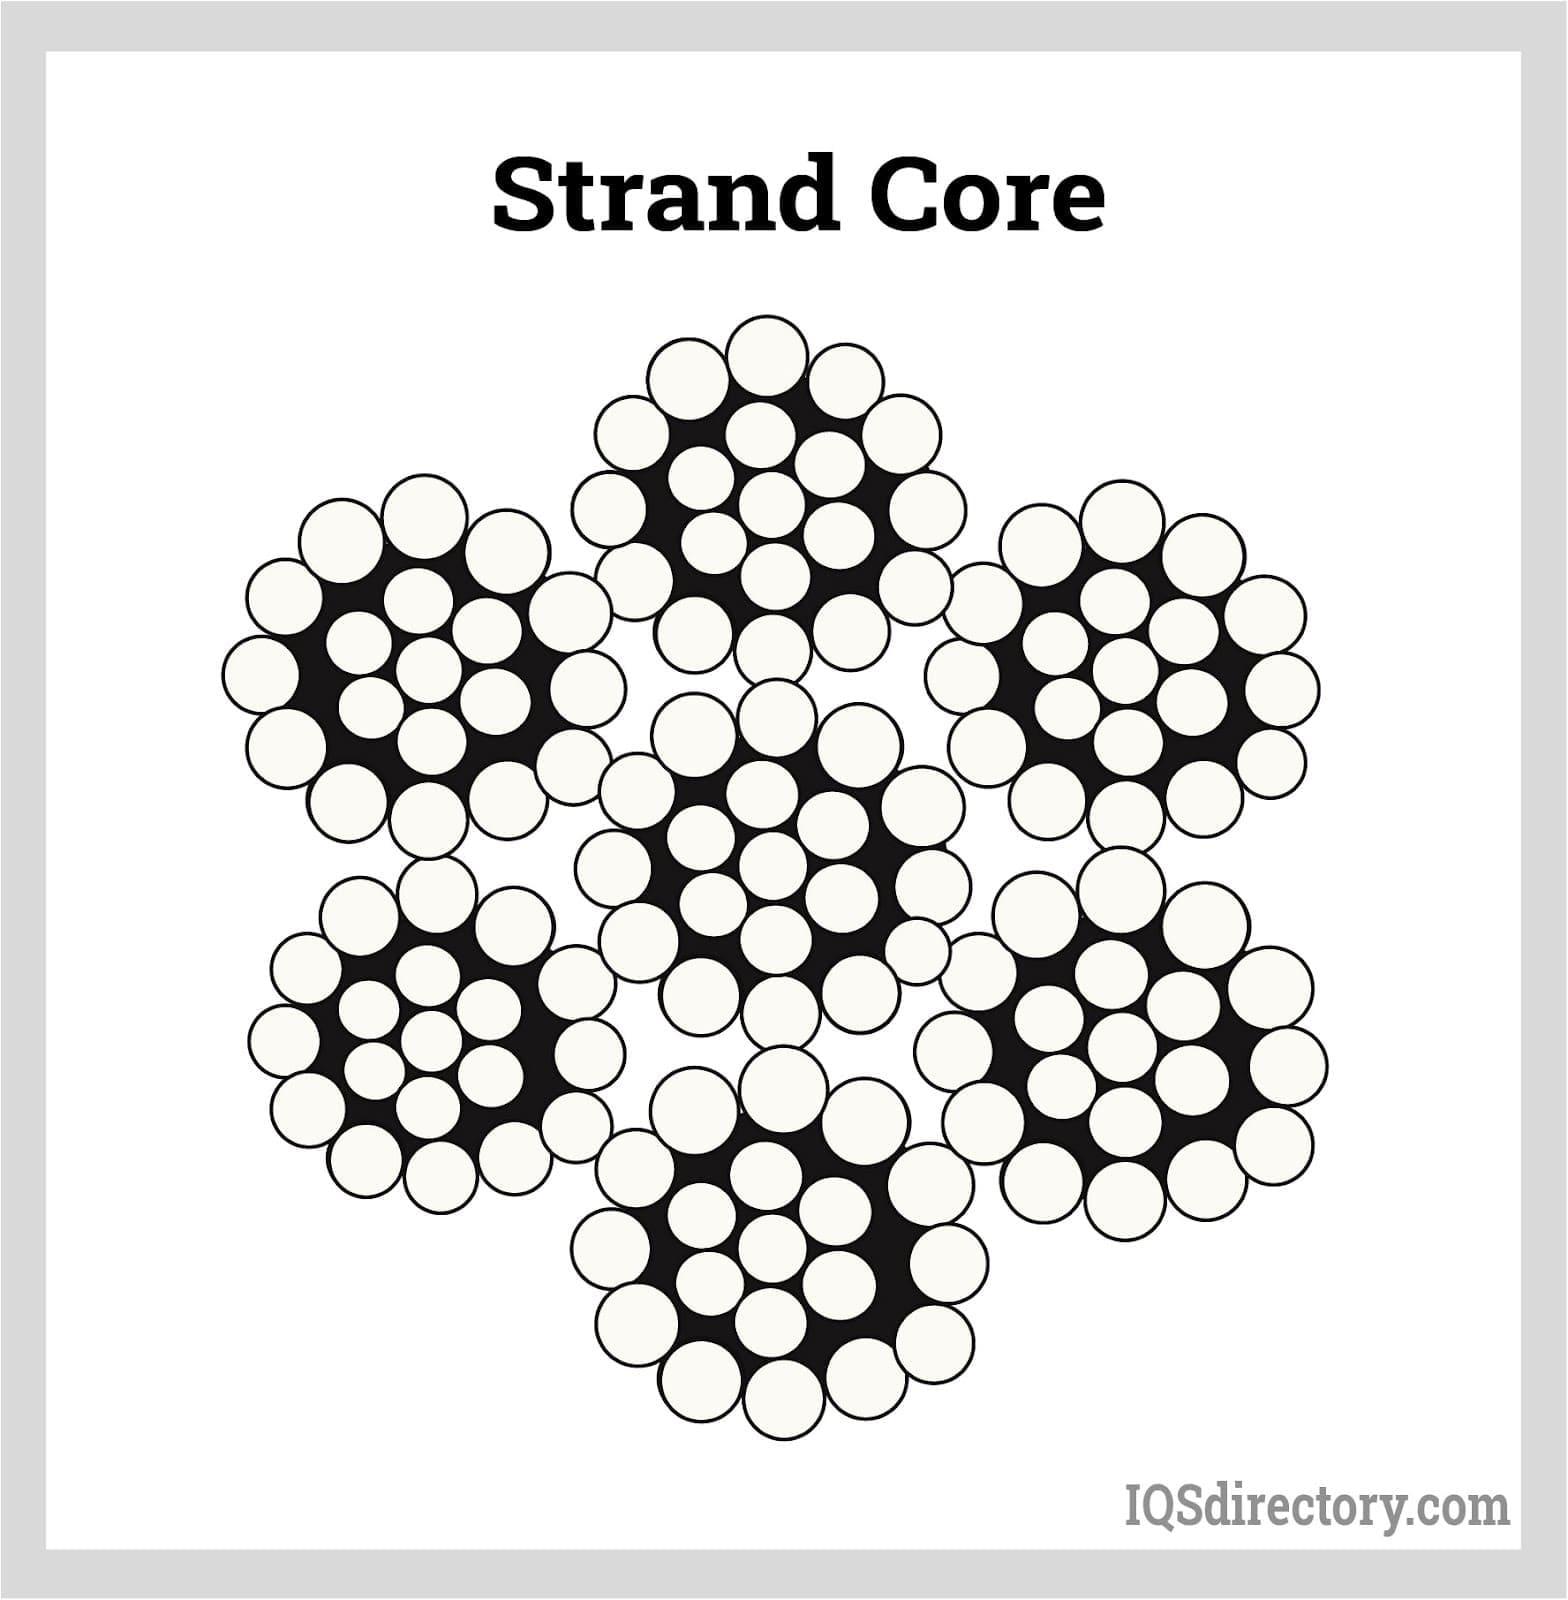 Strand Core